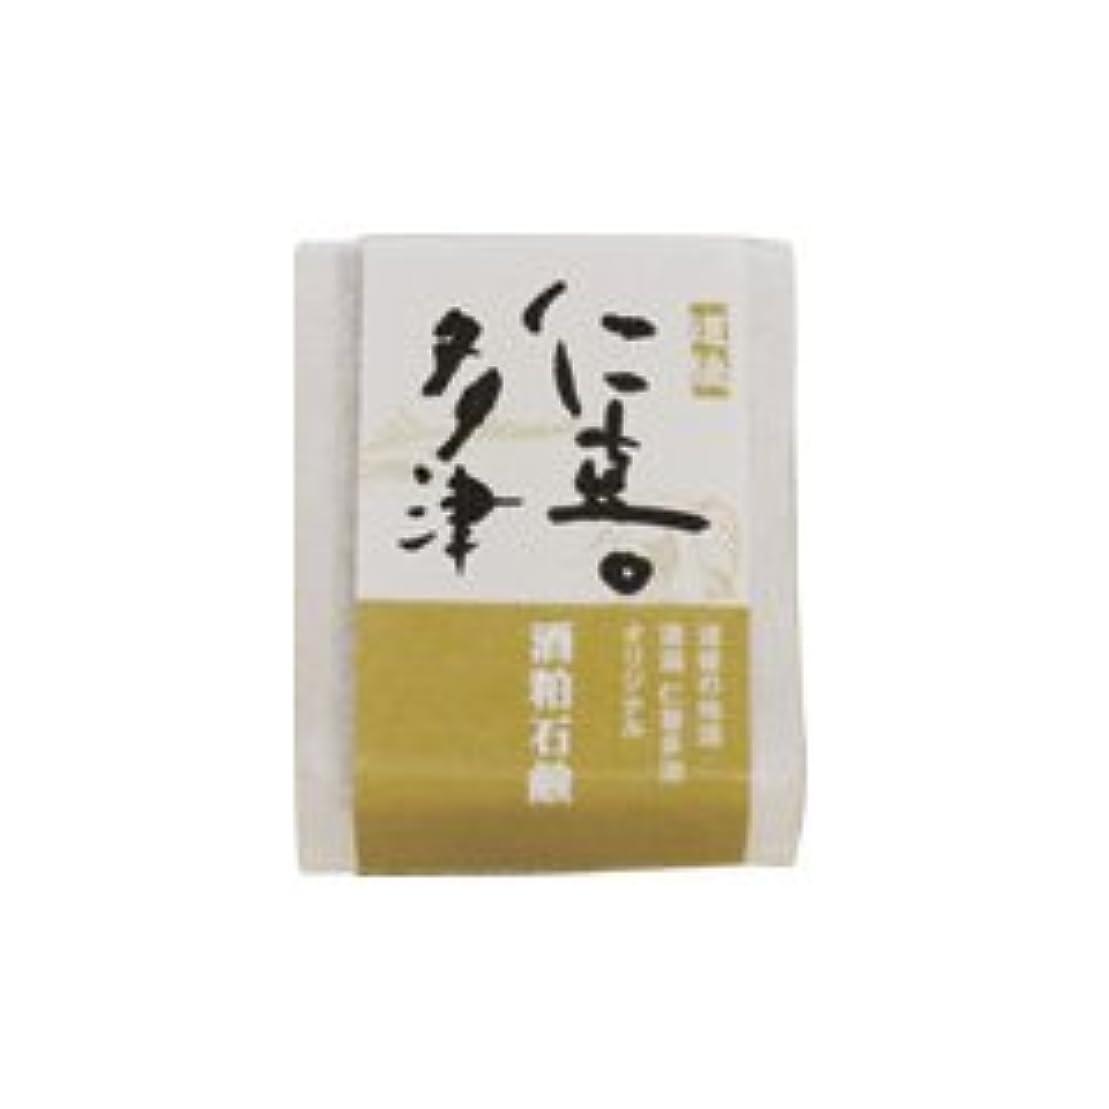 扇動する困惑クラッチ仁喜多津 オリジナル 酒粕石鹸 60g